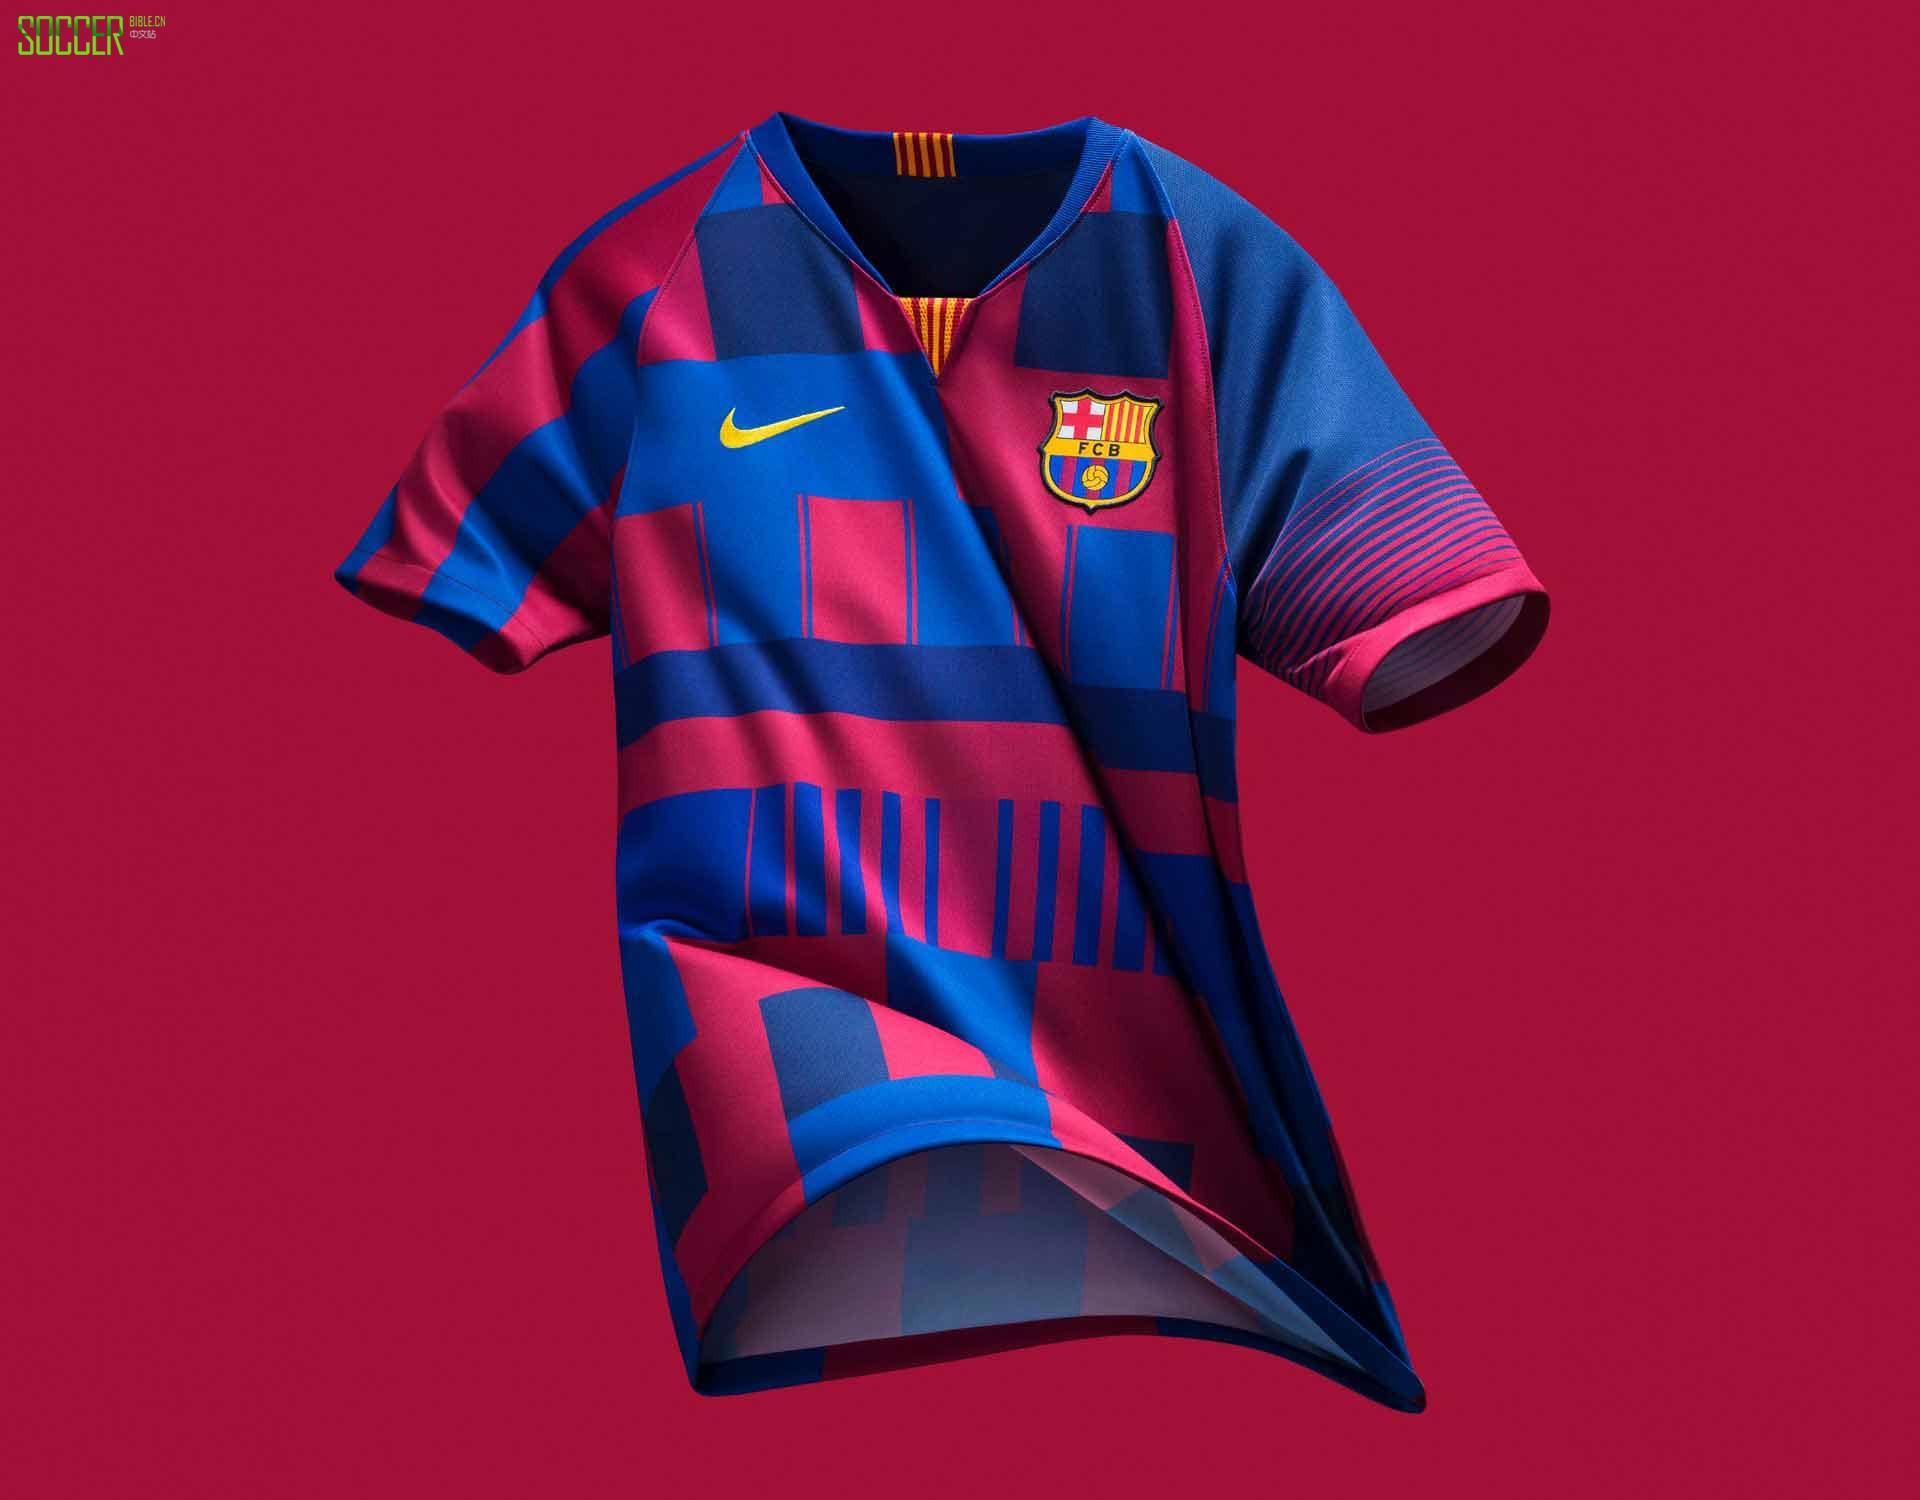 耐克发售限量版巴塞罗那20年球衣图片